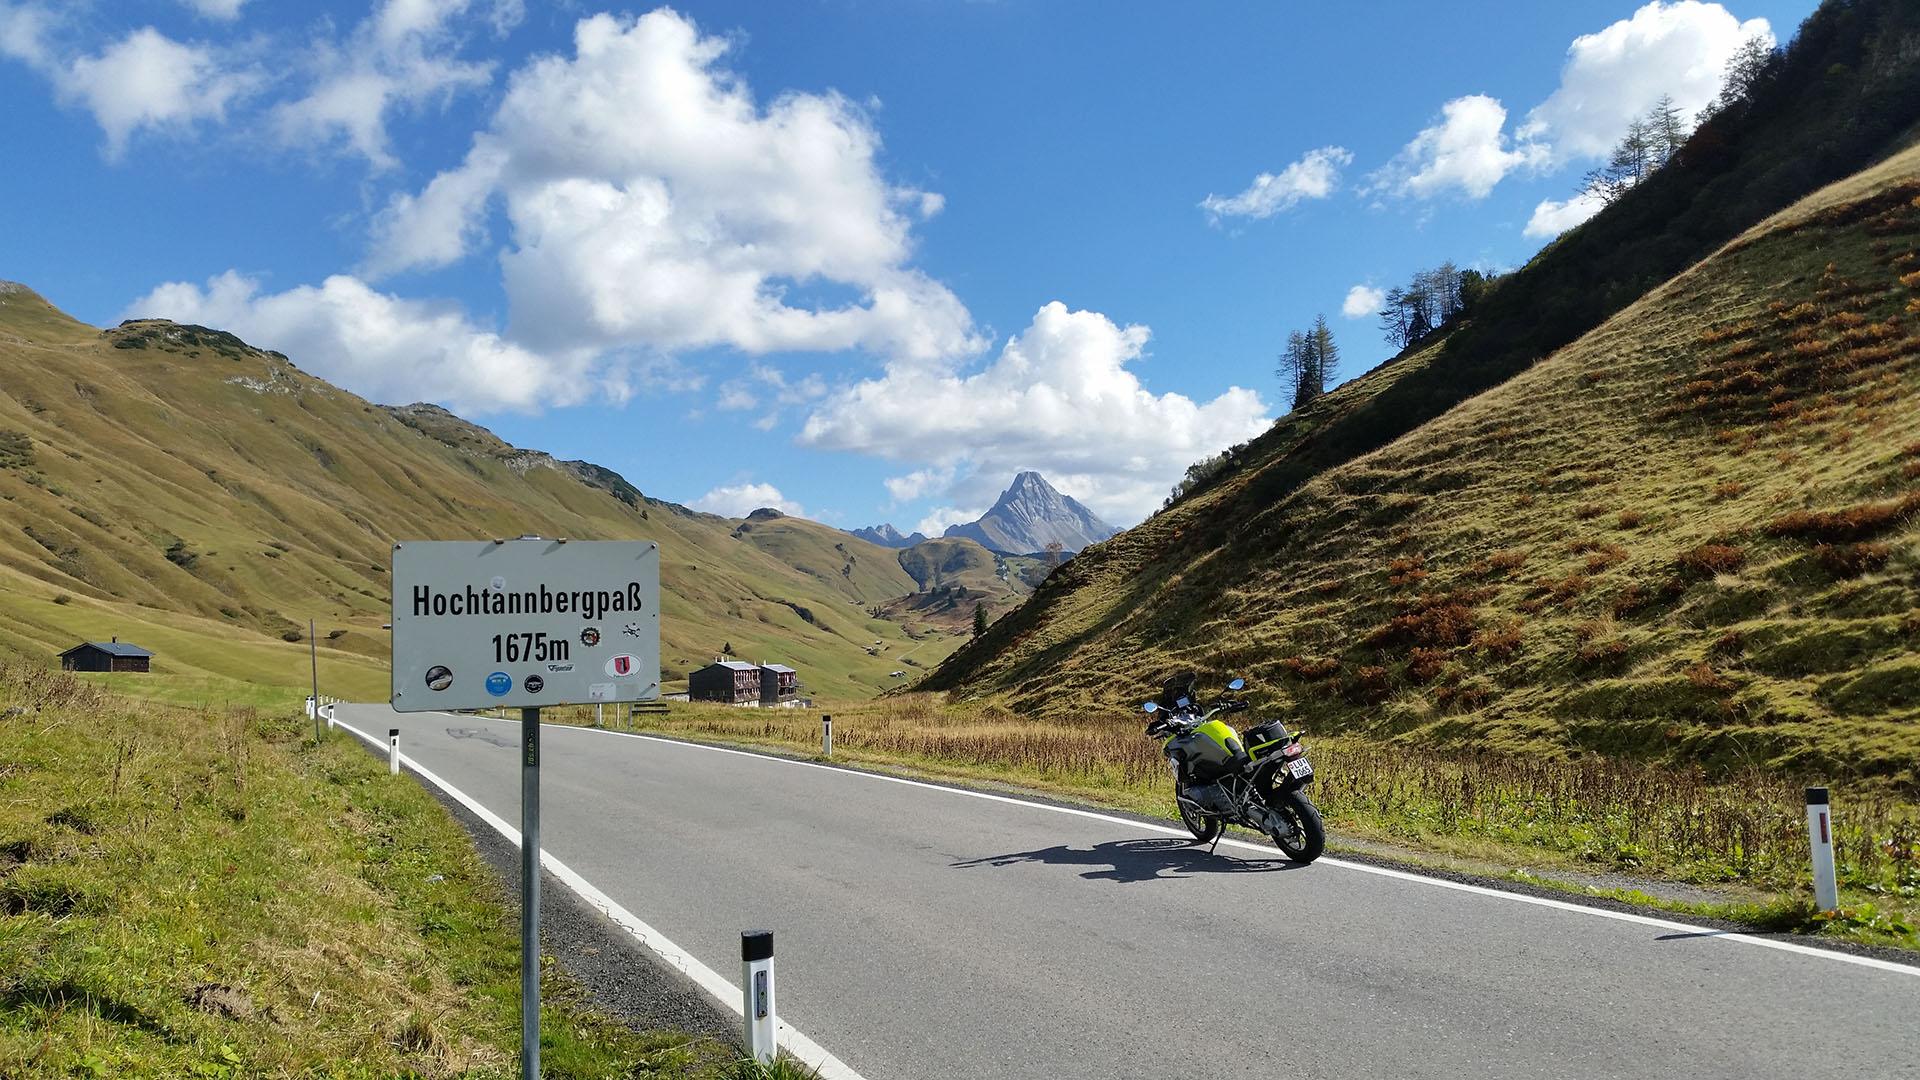 1675 - A - Hochtannenberg-Pass